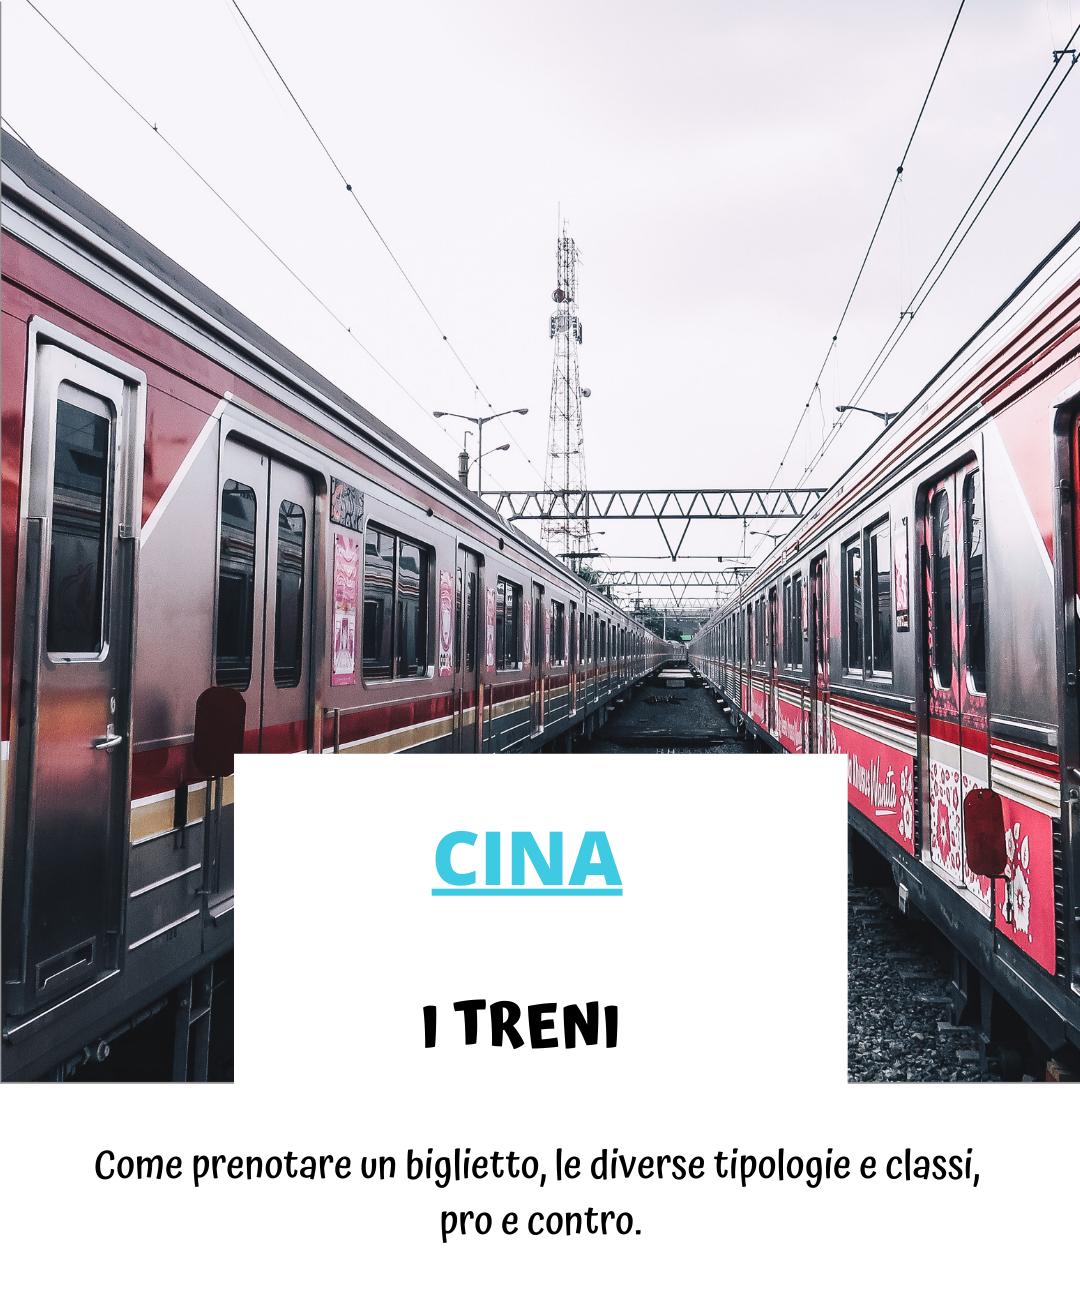 Treni in Cina: come acquistare i biglietti, le diverse tipologie e classi, pro e contro